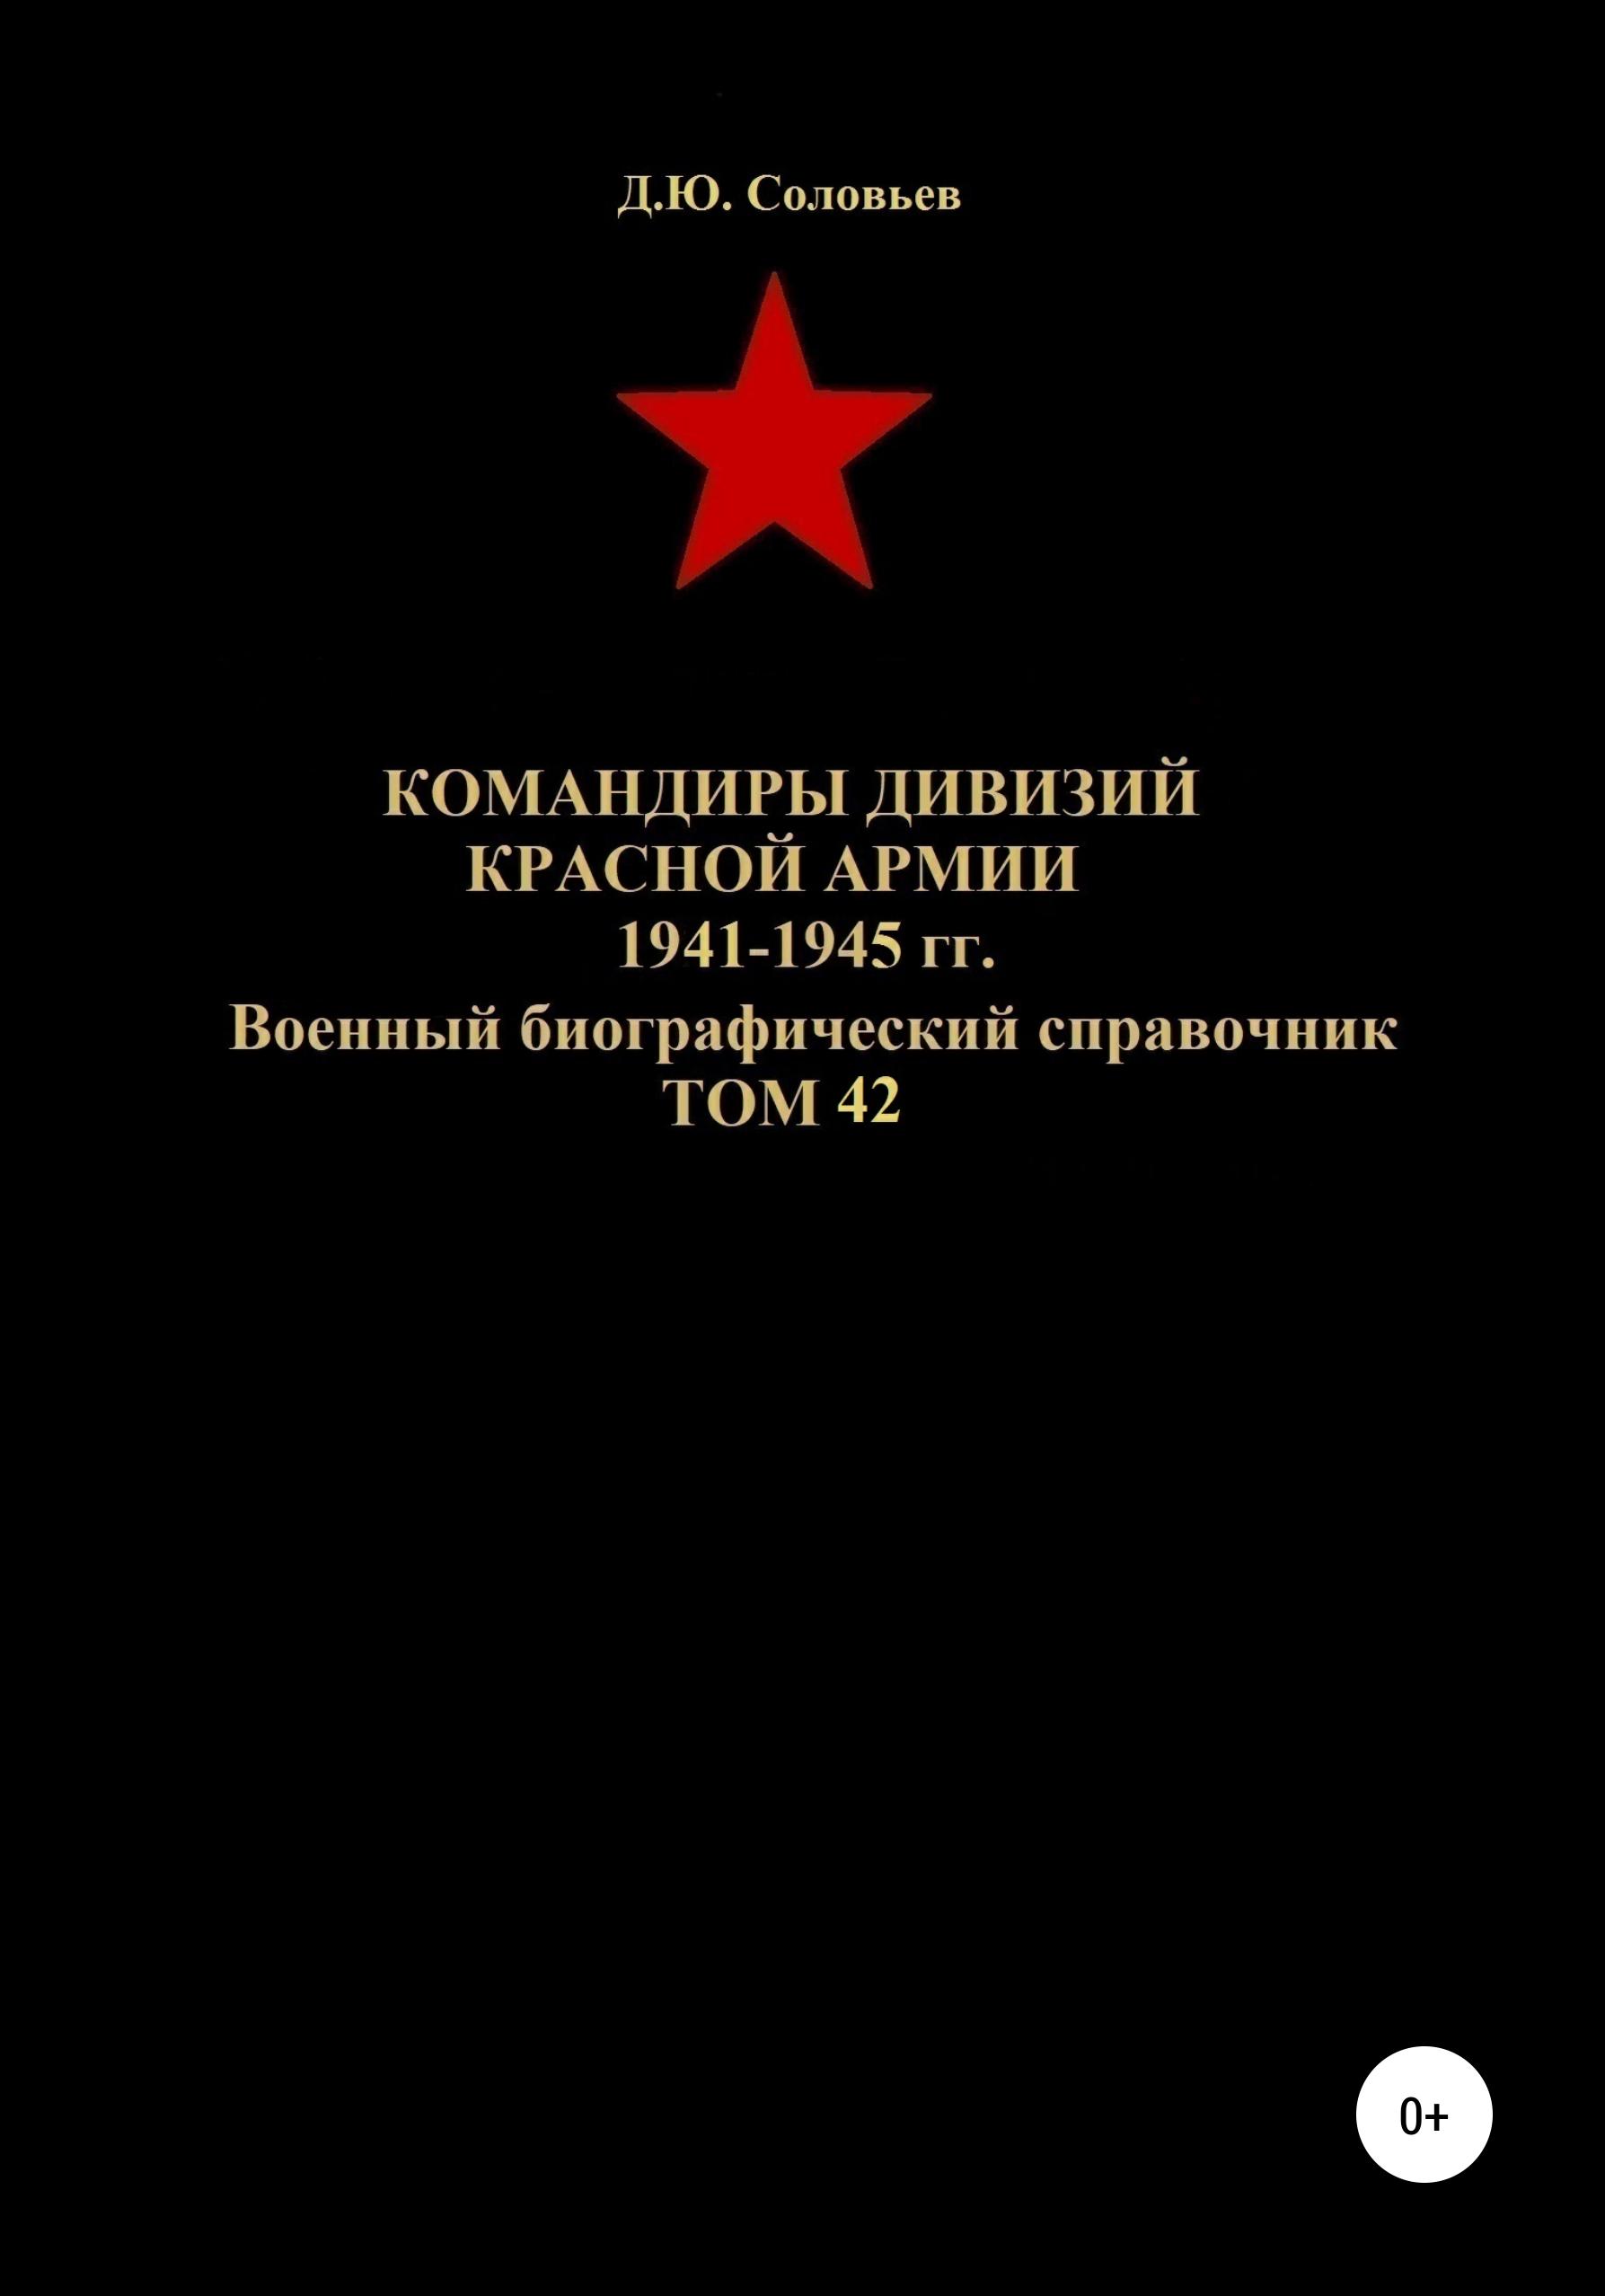 Командиры дивизий Красной Армии 1941-1945 гг. Том 42